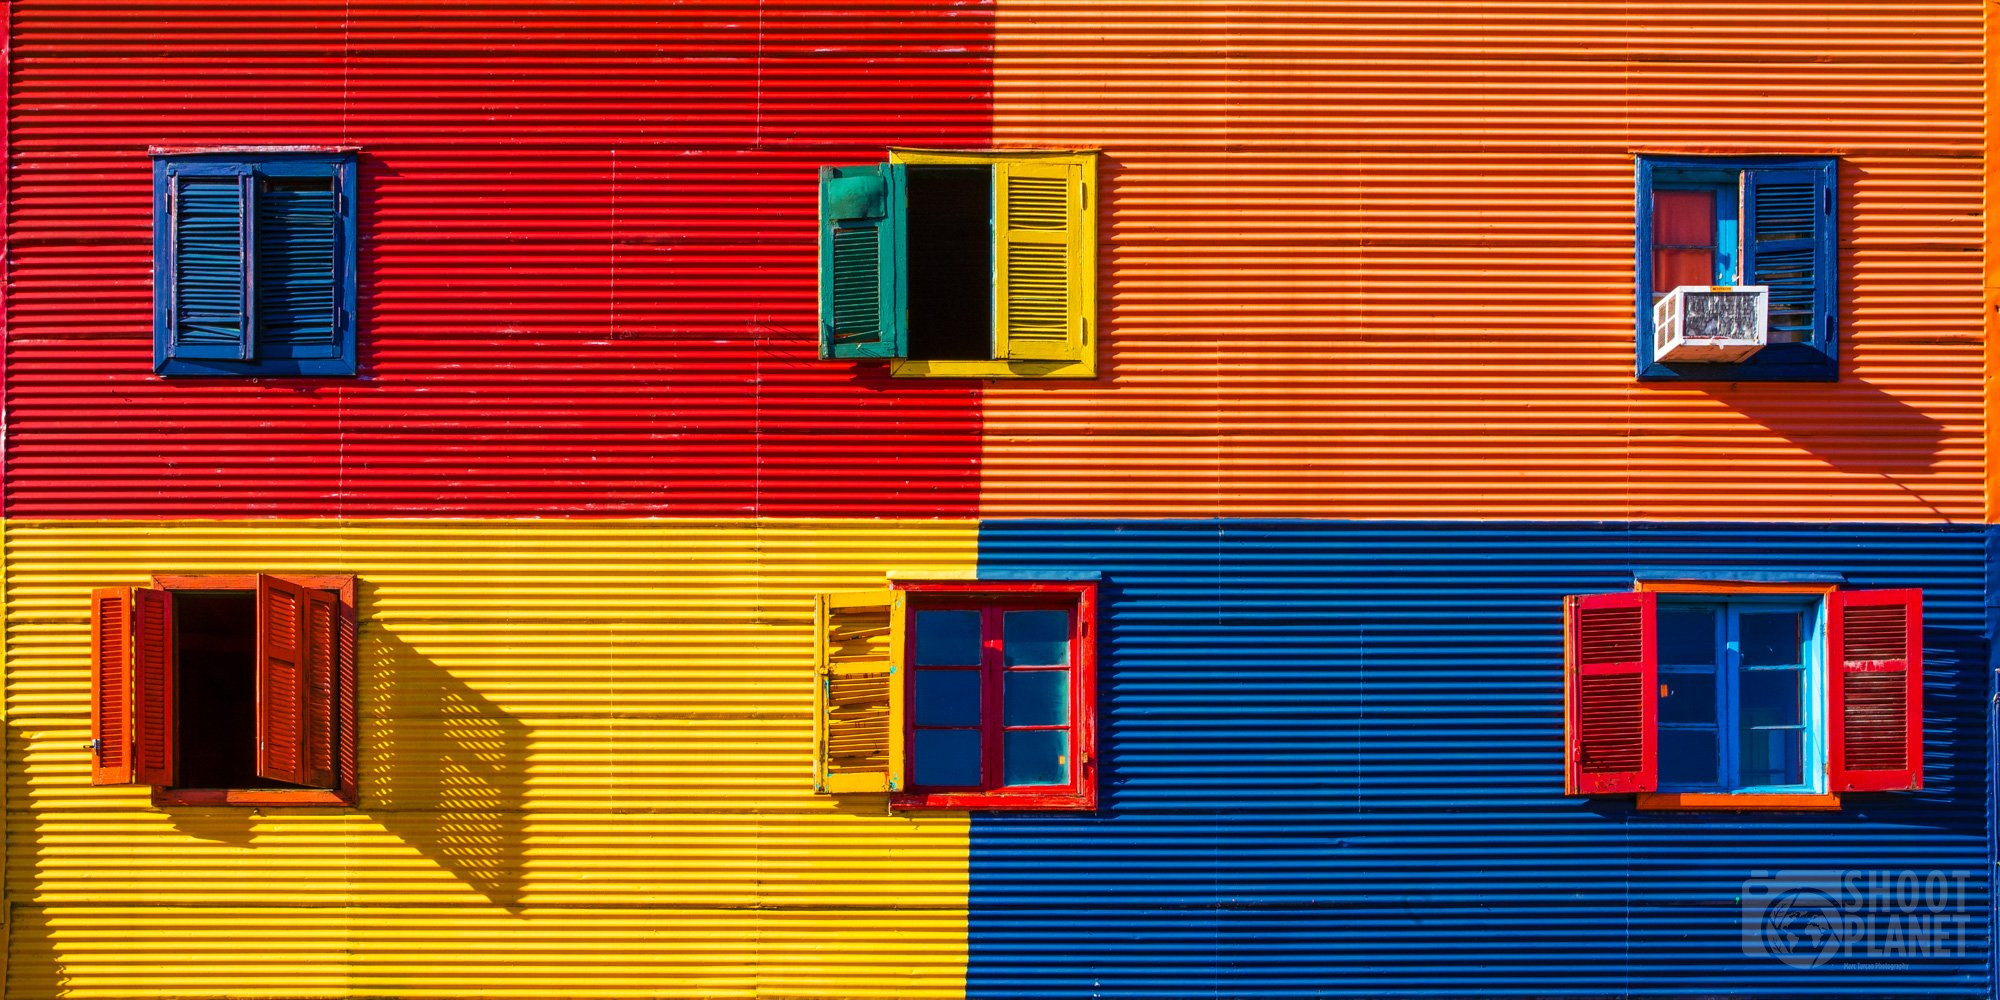 Buenos Aires La Boca Caminito windows, Argentina